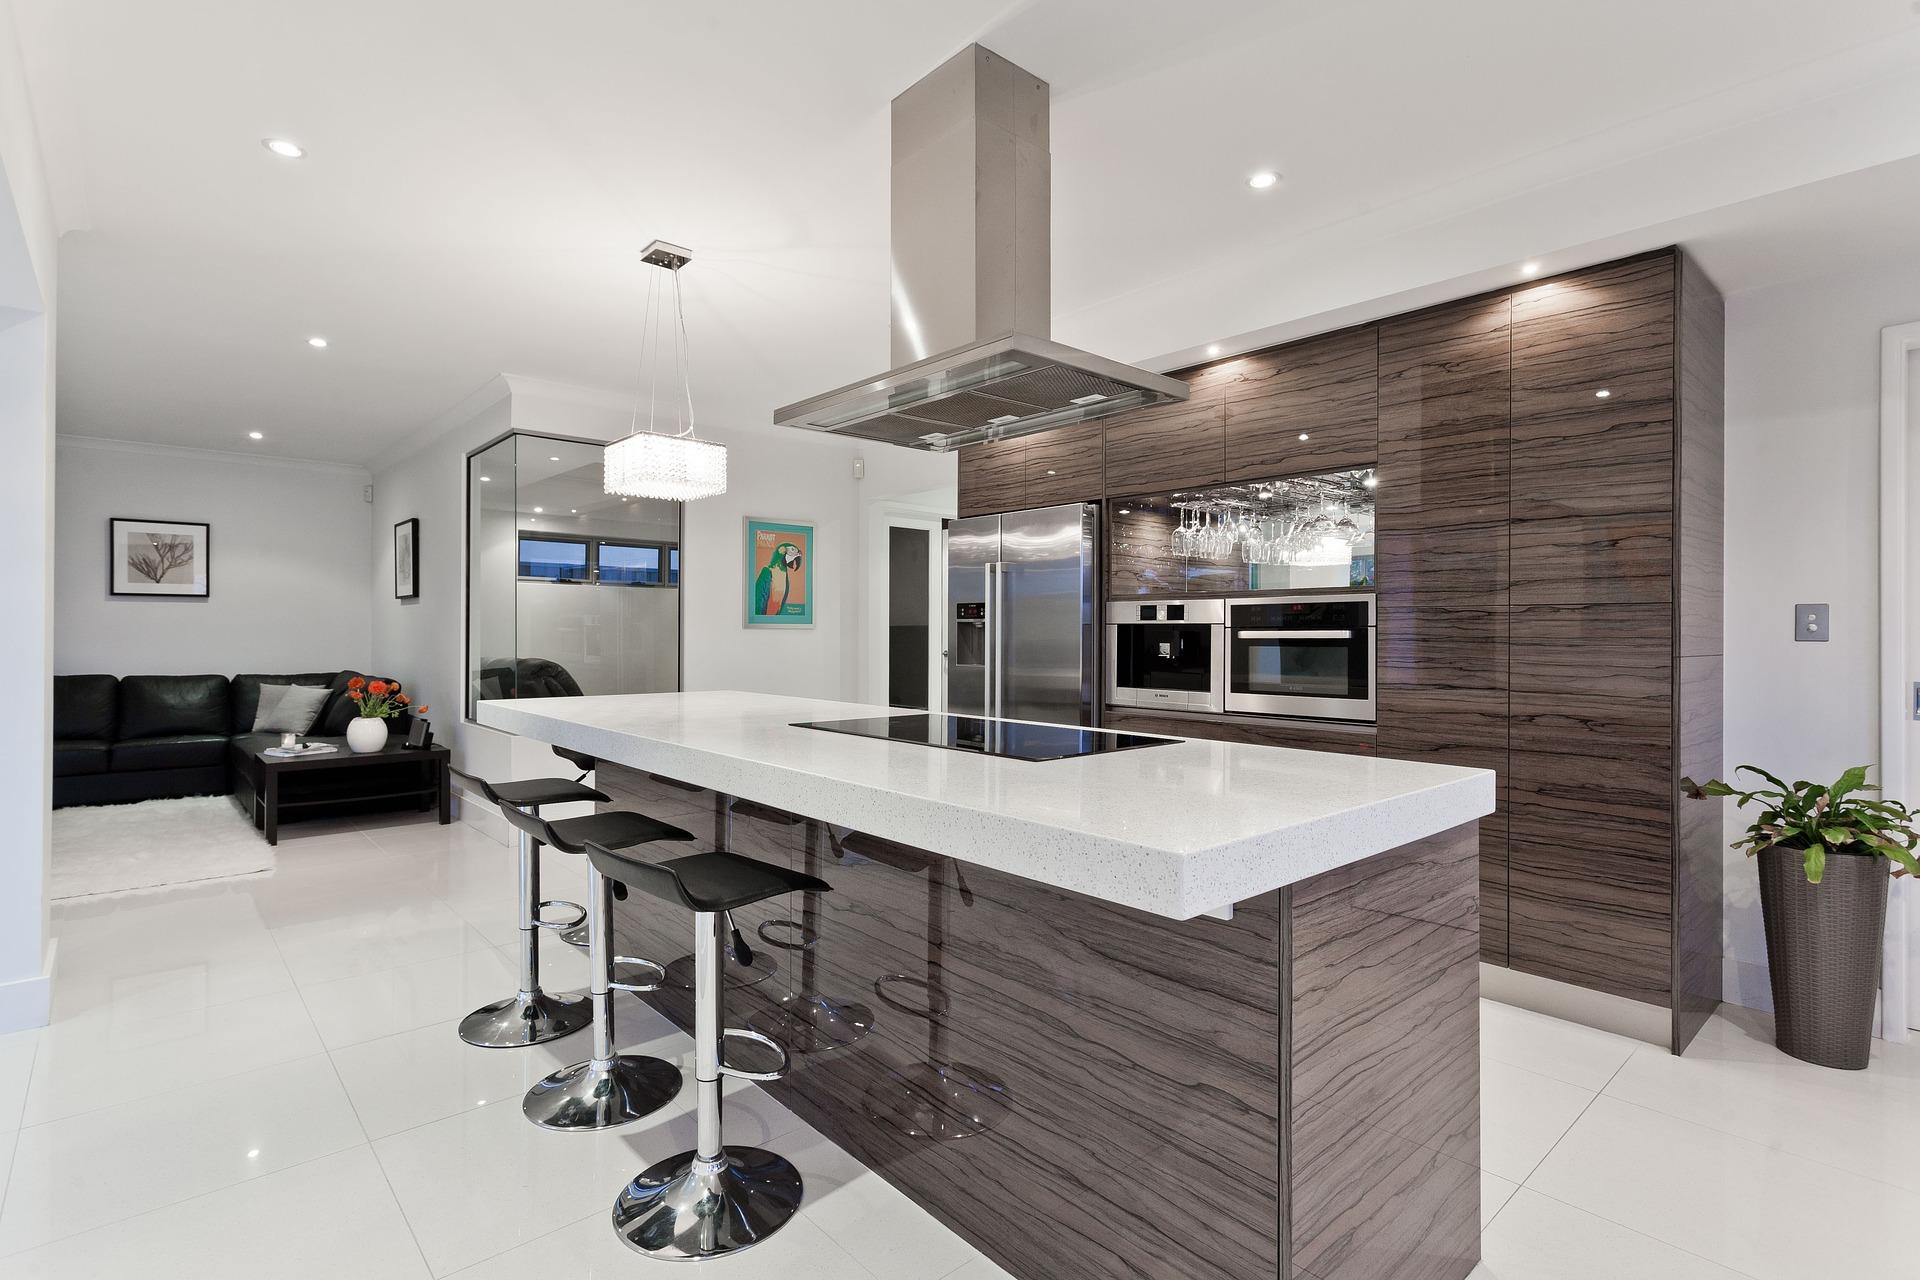 Kitchen - Modern